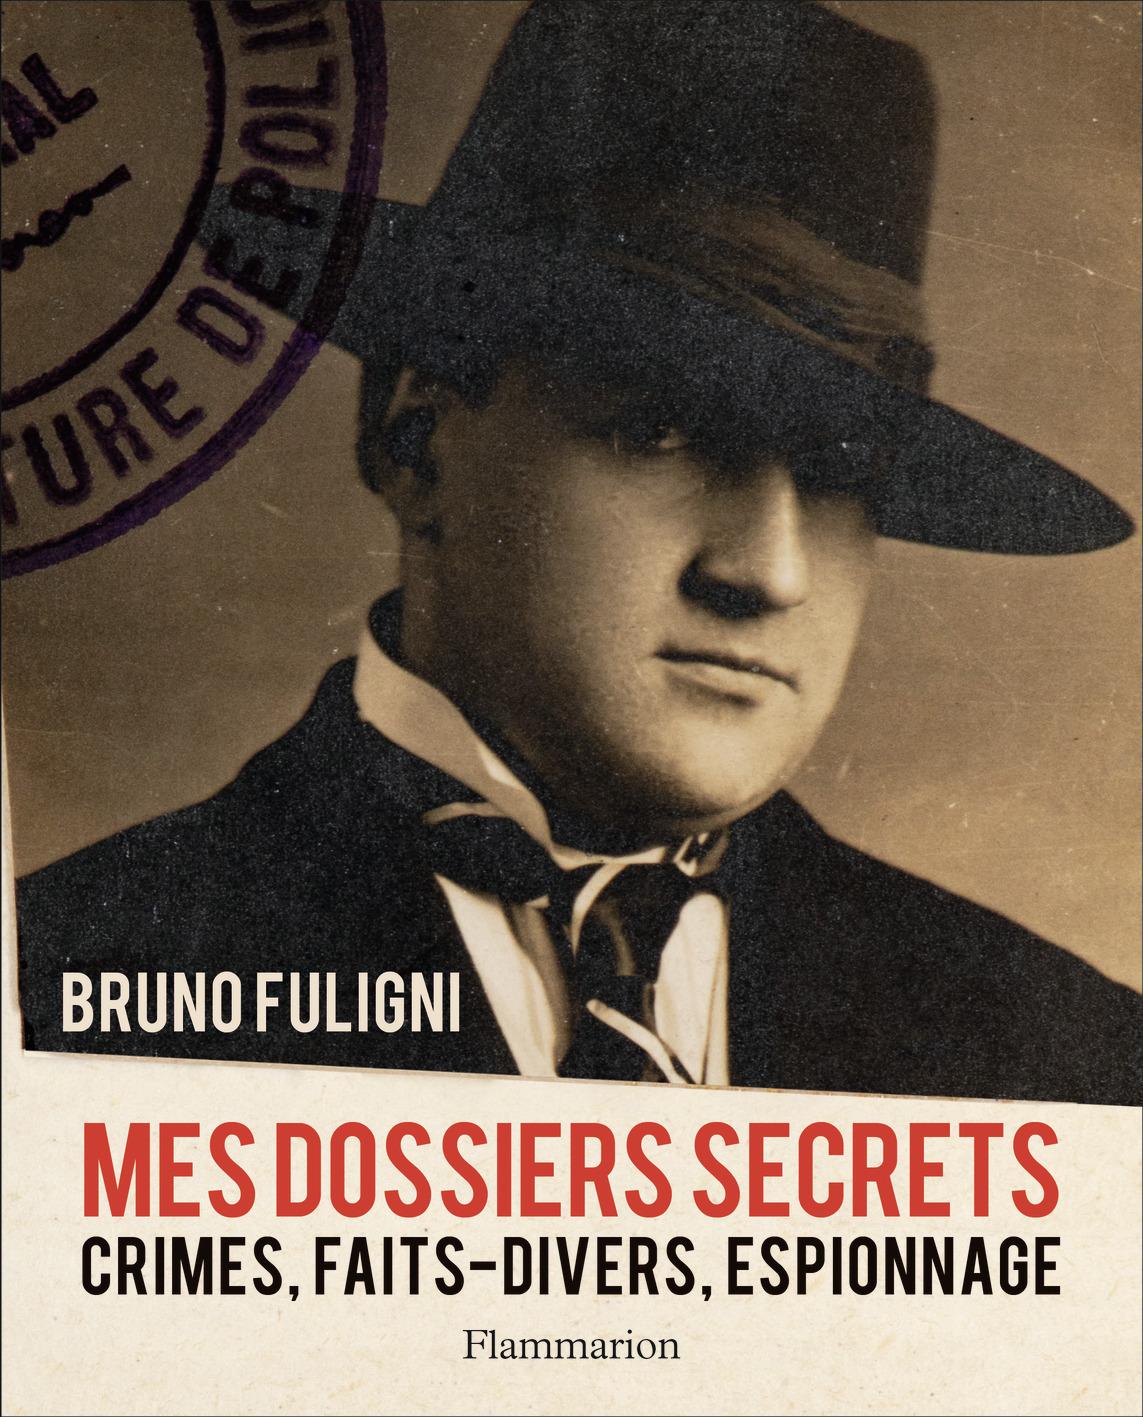 MES DOSSIERS SECRETS - CRIMES, FAITS-DIVERS, ESPIONNAGE